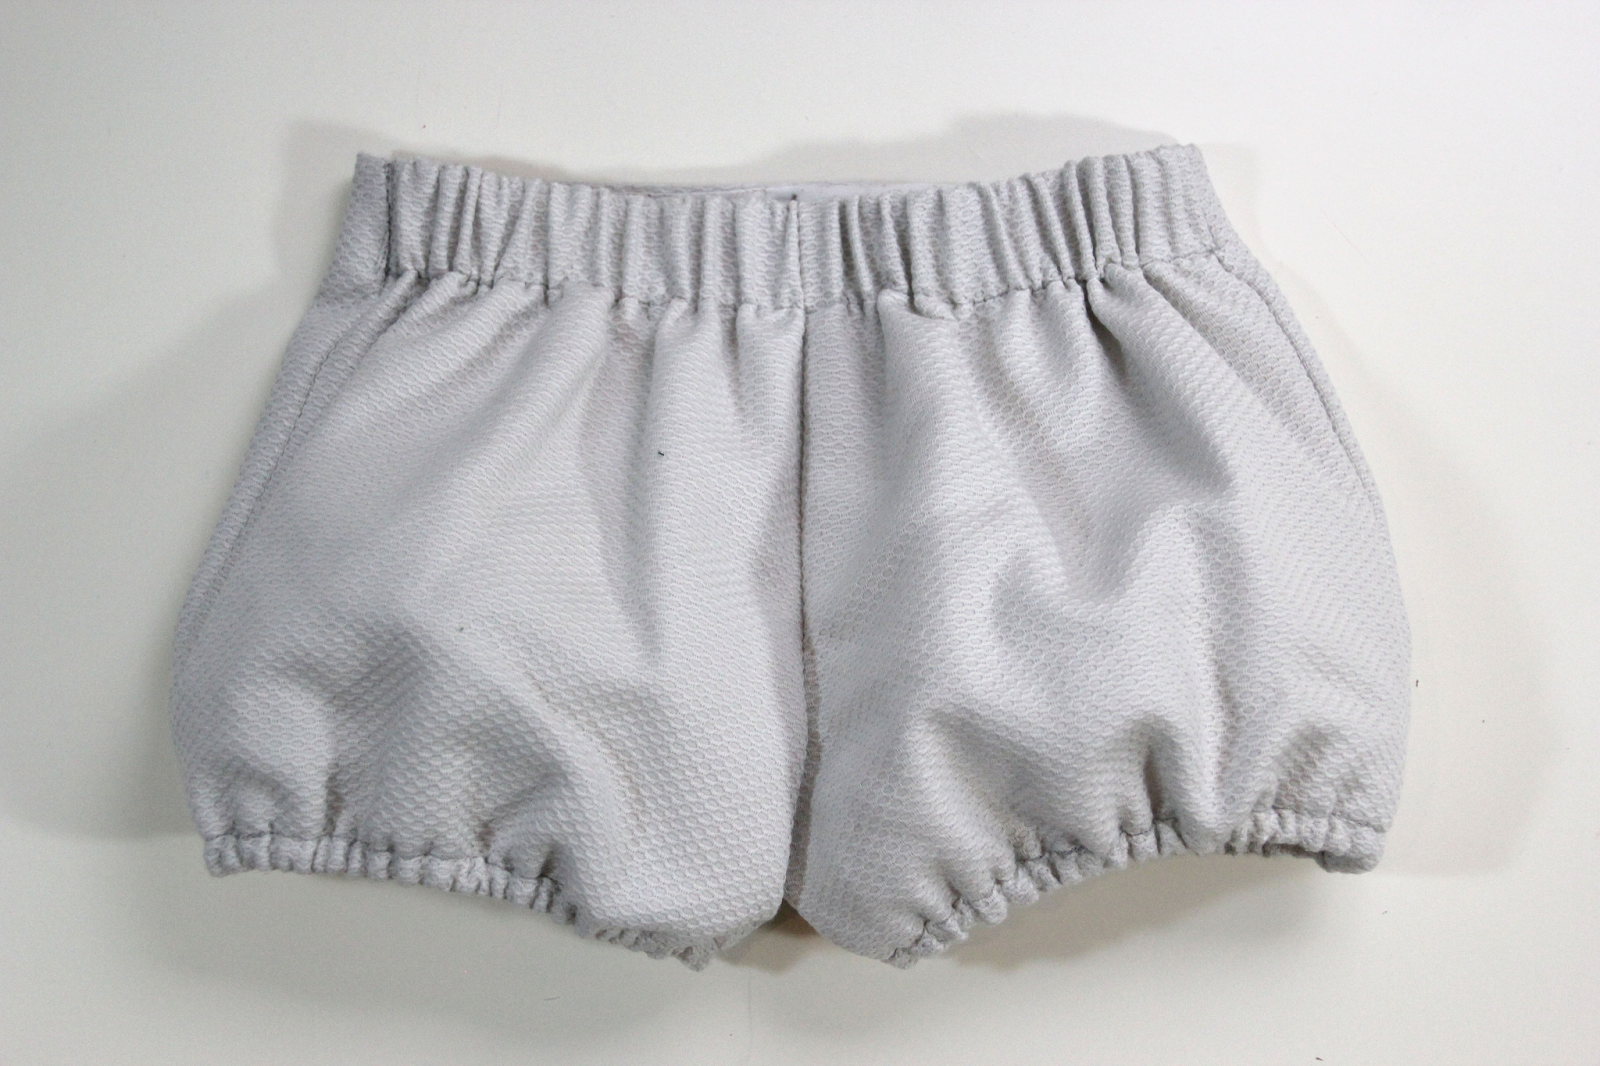 Patrones y tutoriales de ropa para niños y bebés gratis - HANDBOX